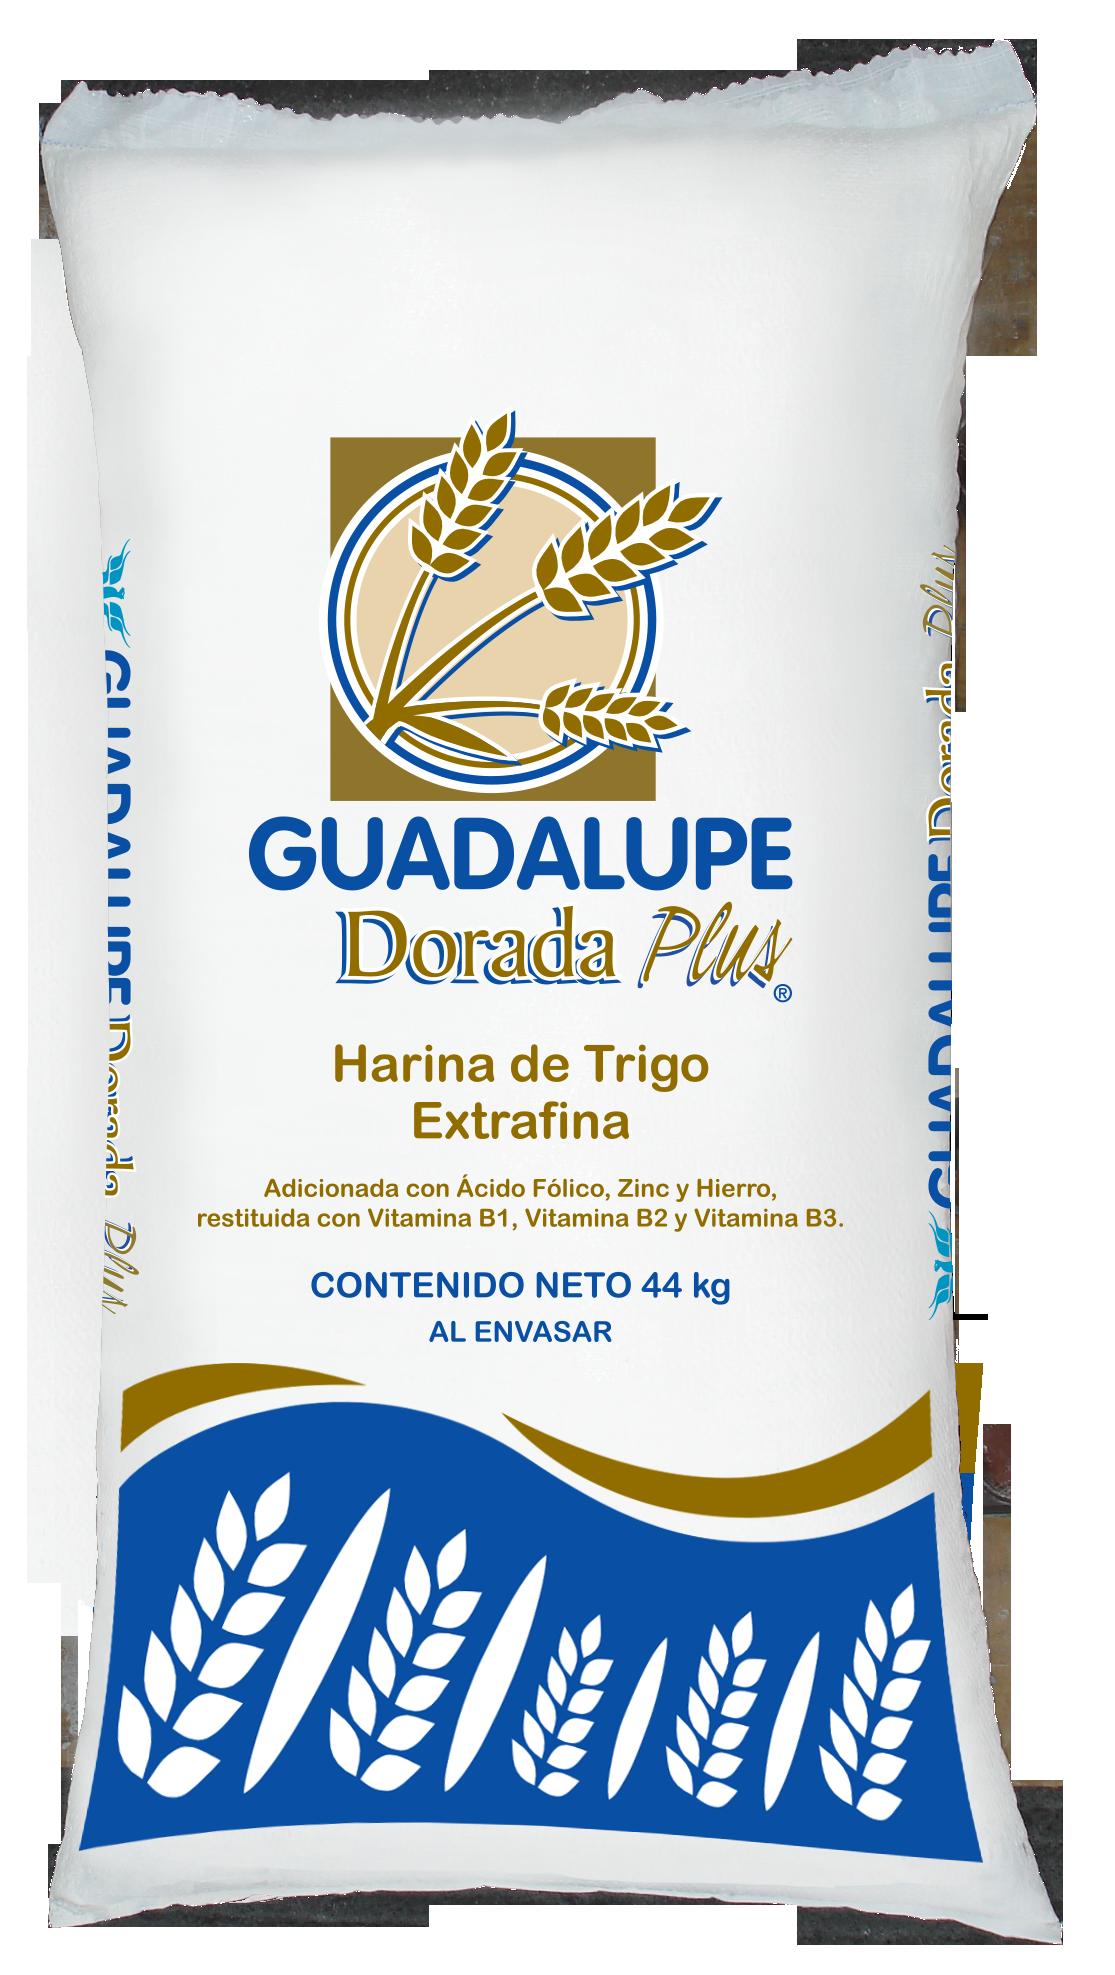 Harina de Trigo Guadalupe Dorada Plus